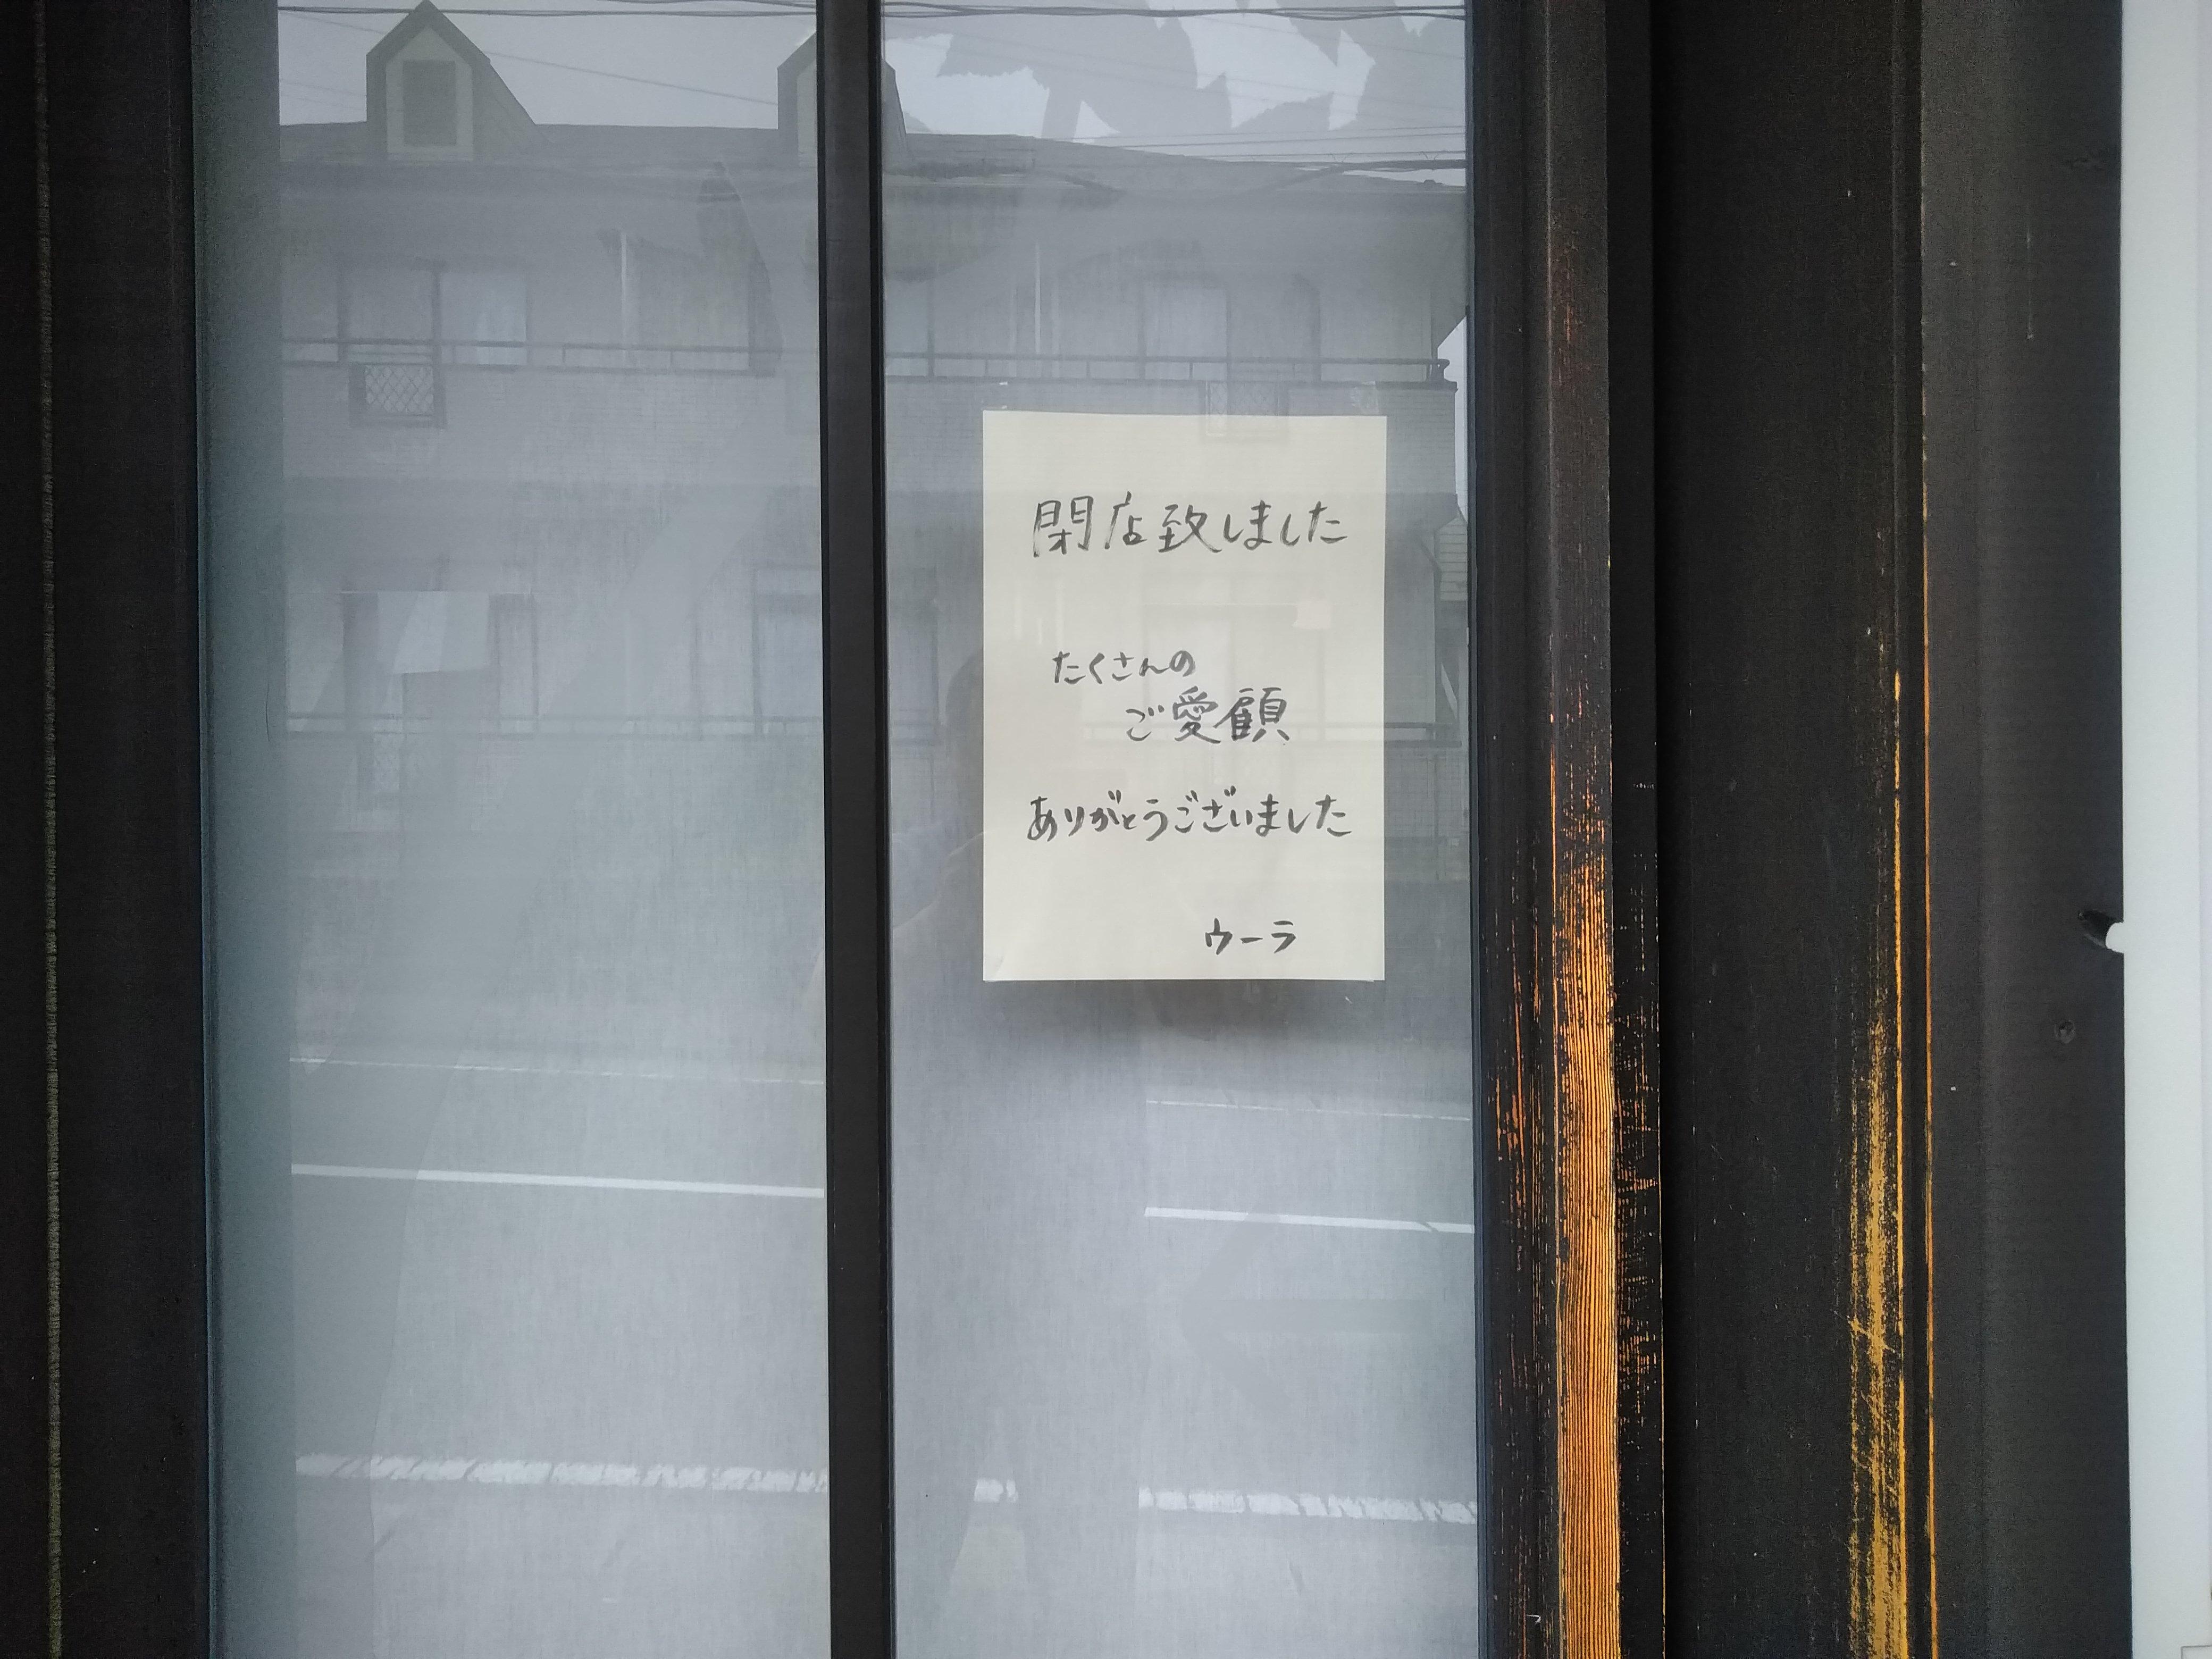 残念!アマイモン ウーラが閉店!